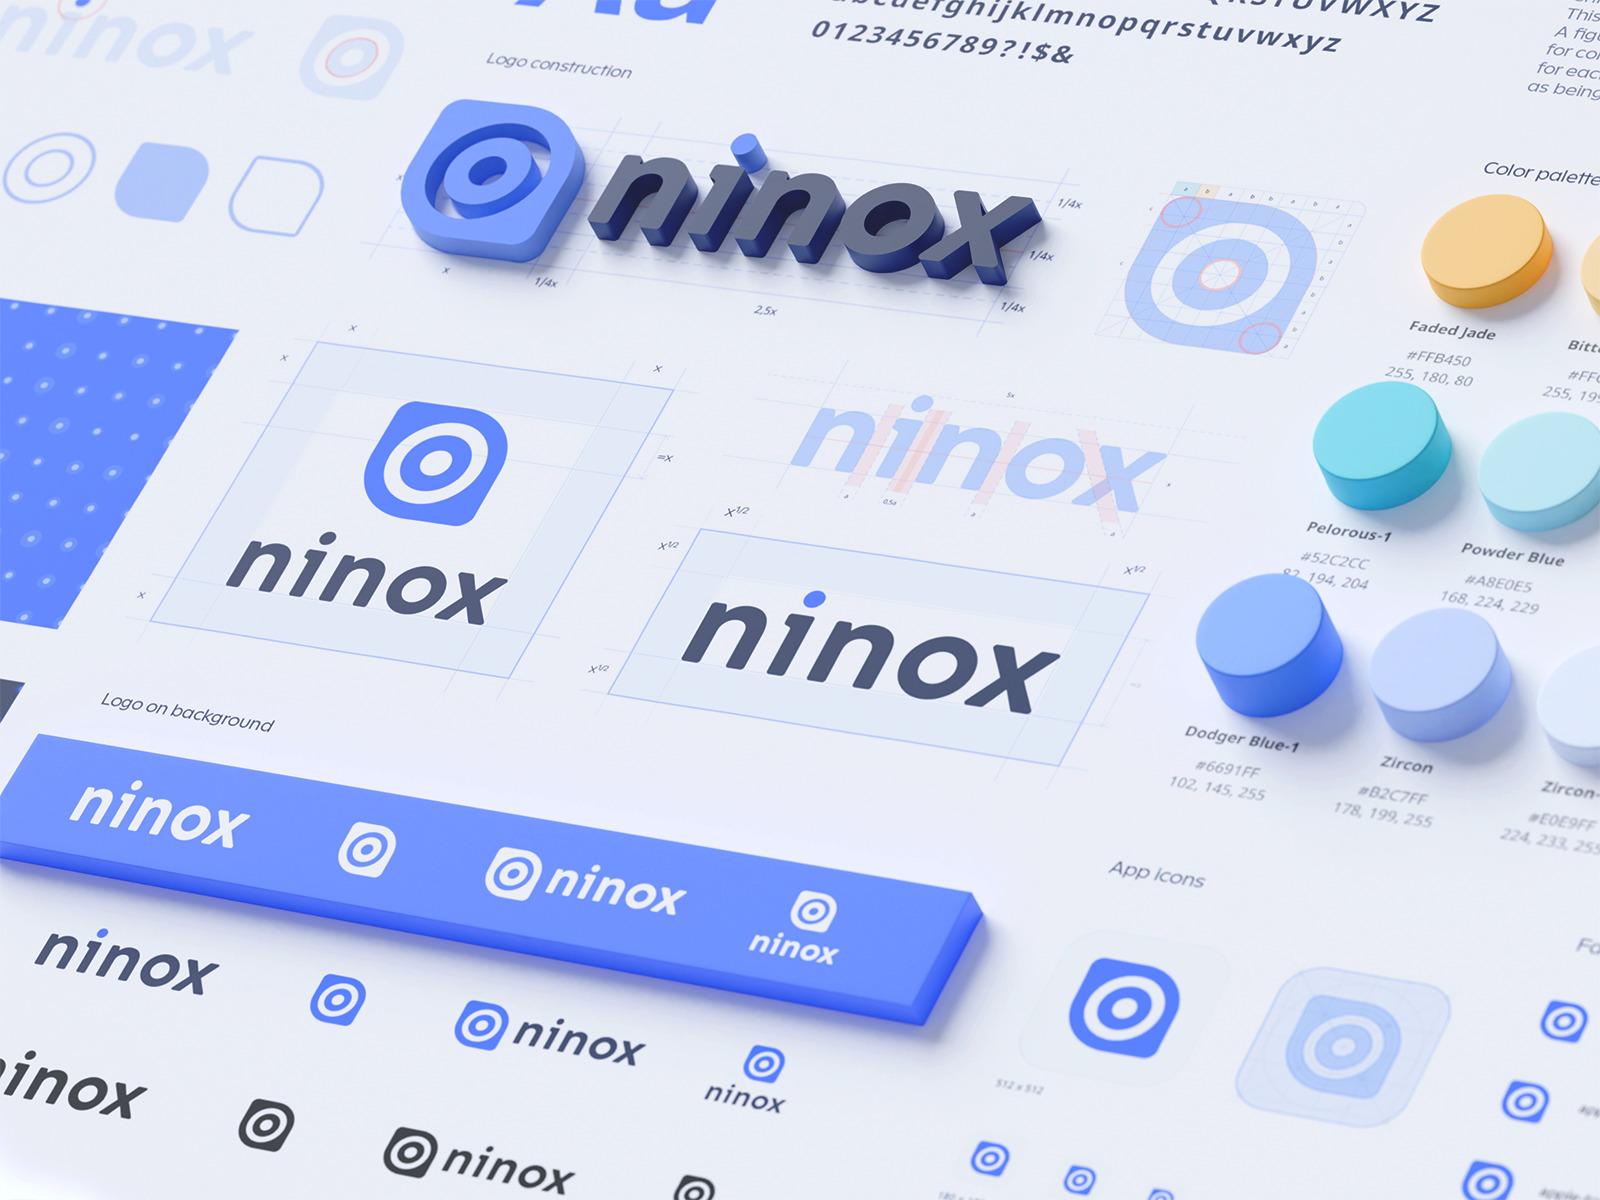 ninox card